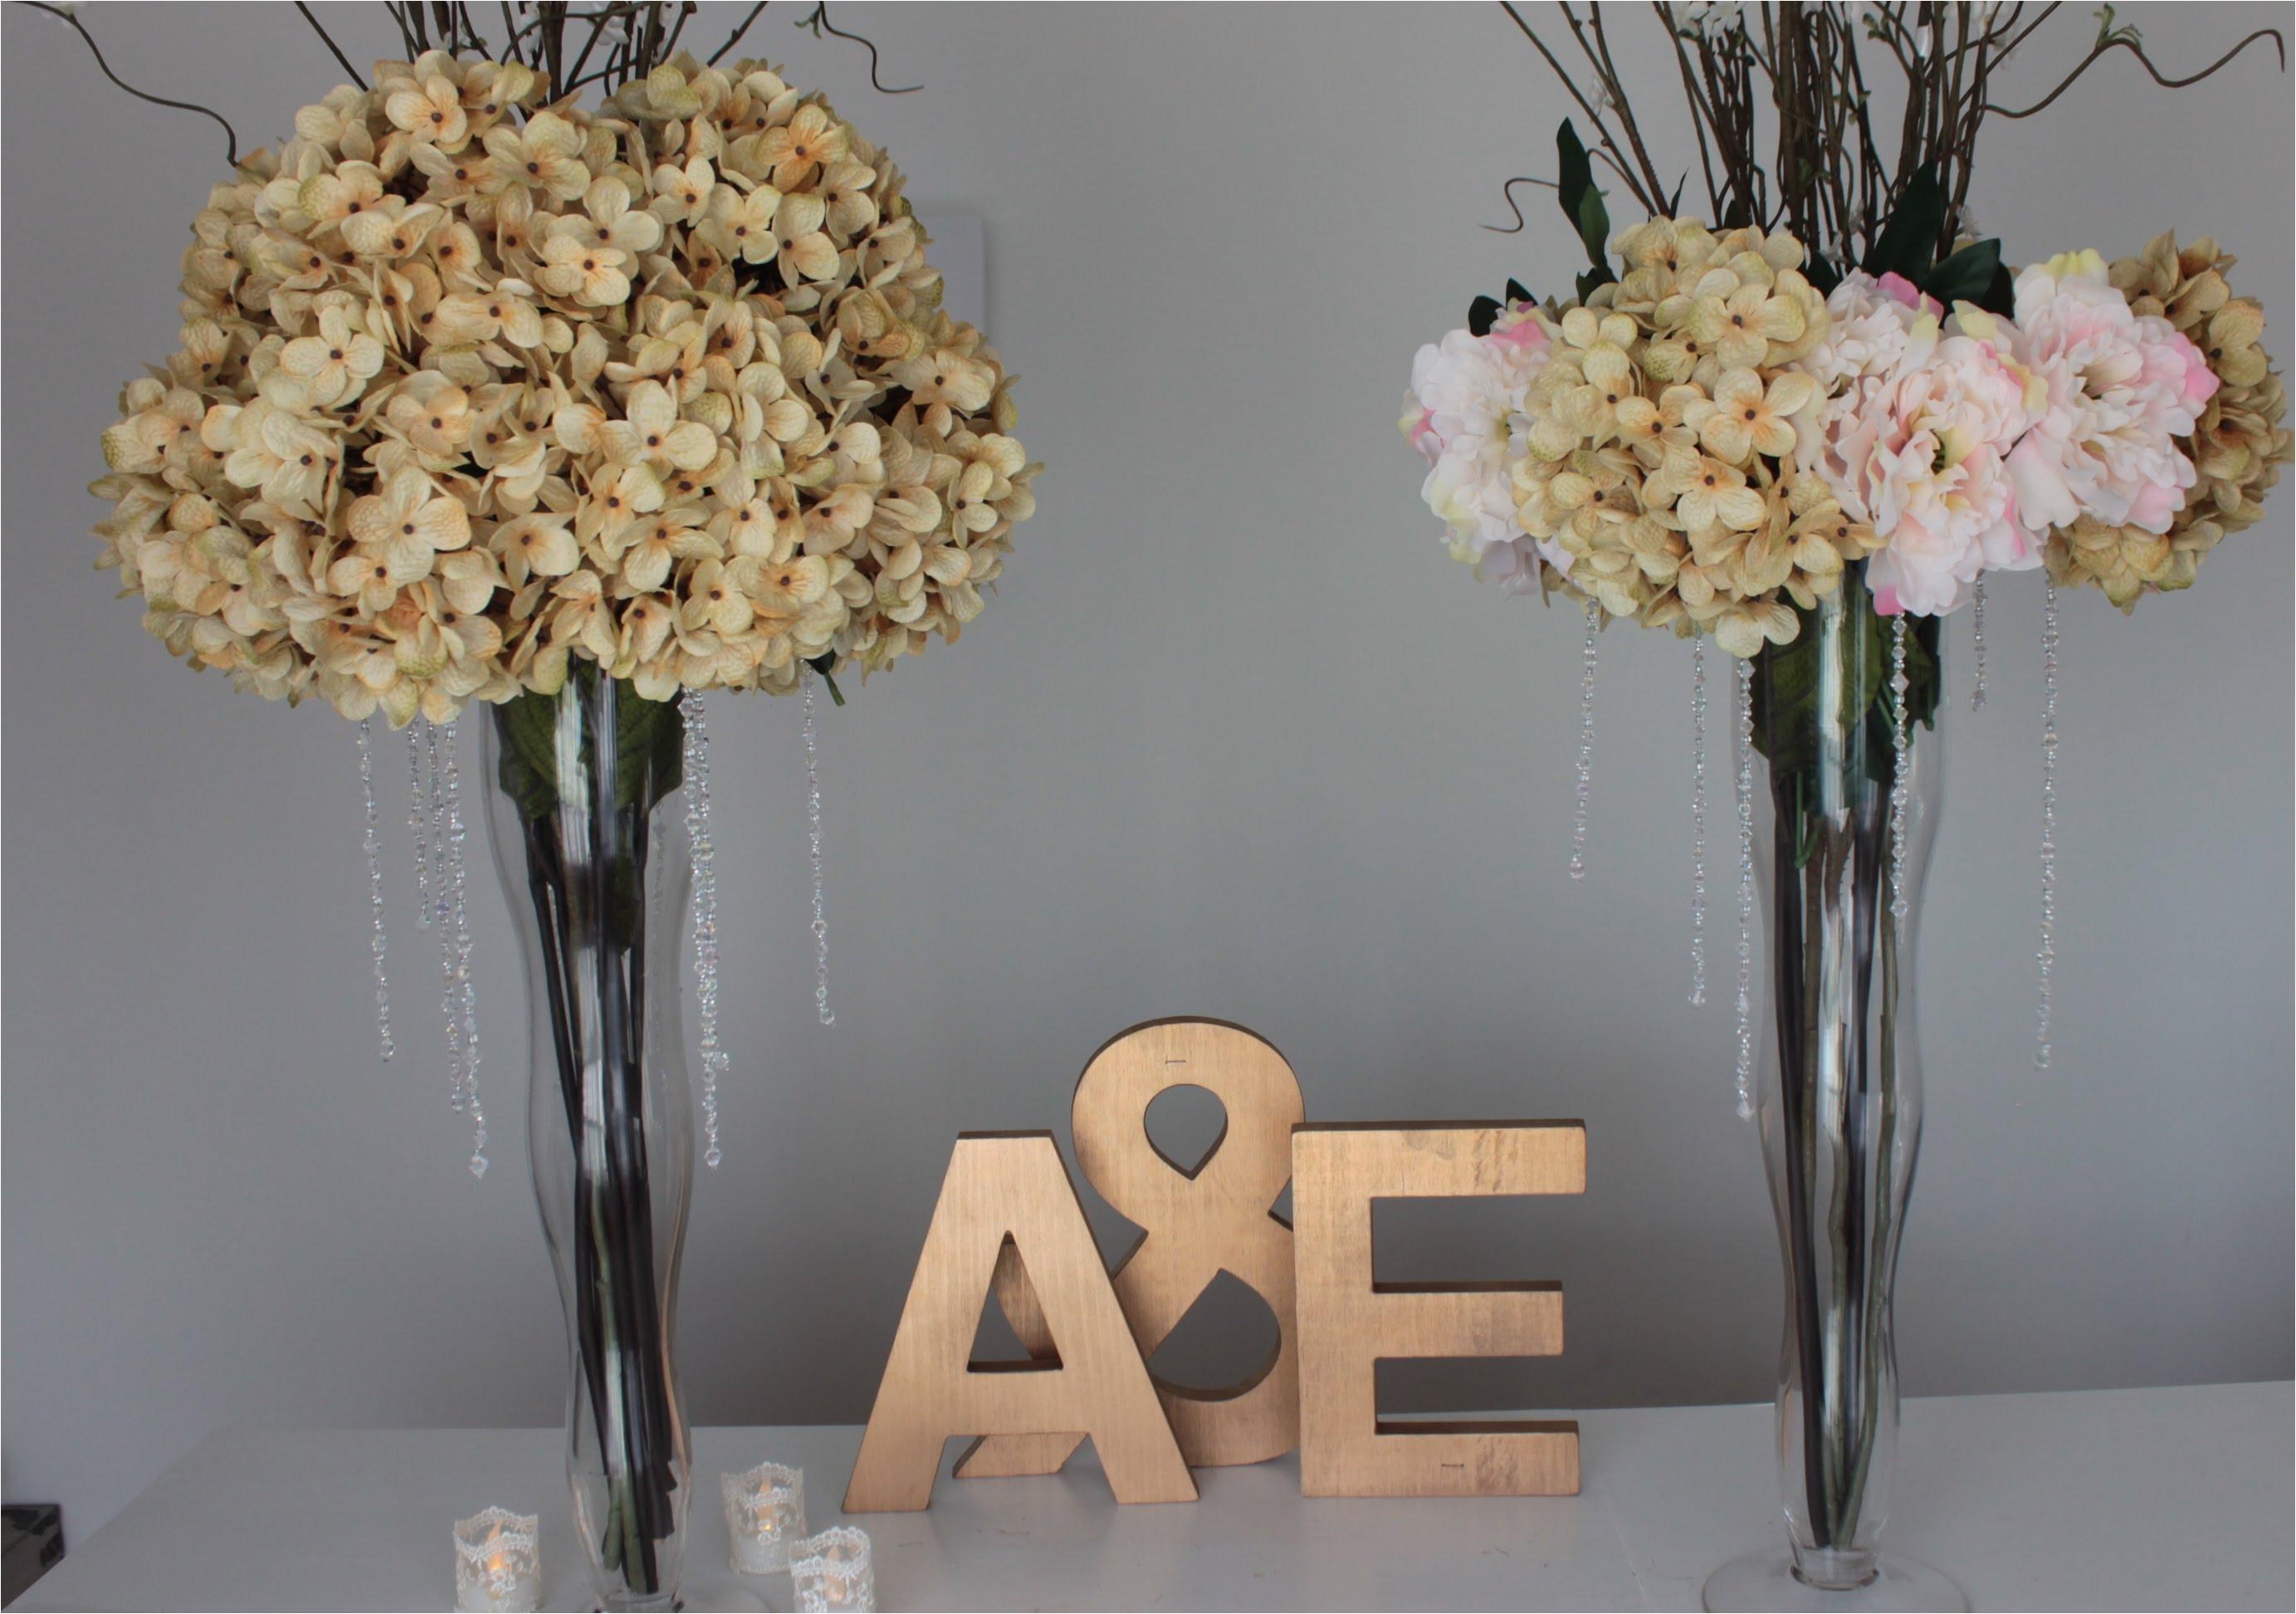 decoracion de bodas sencillas y economicas great decoracion de bodas sencillas y economicas decoracion de bodas sencillas y economicas en casa